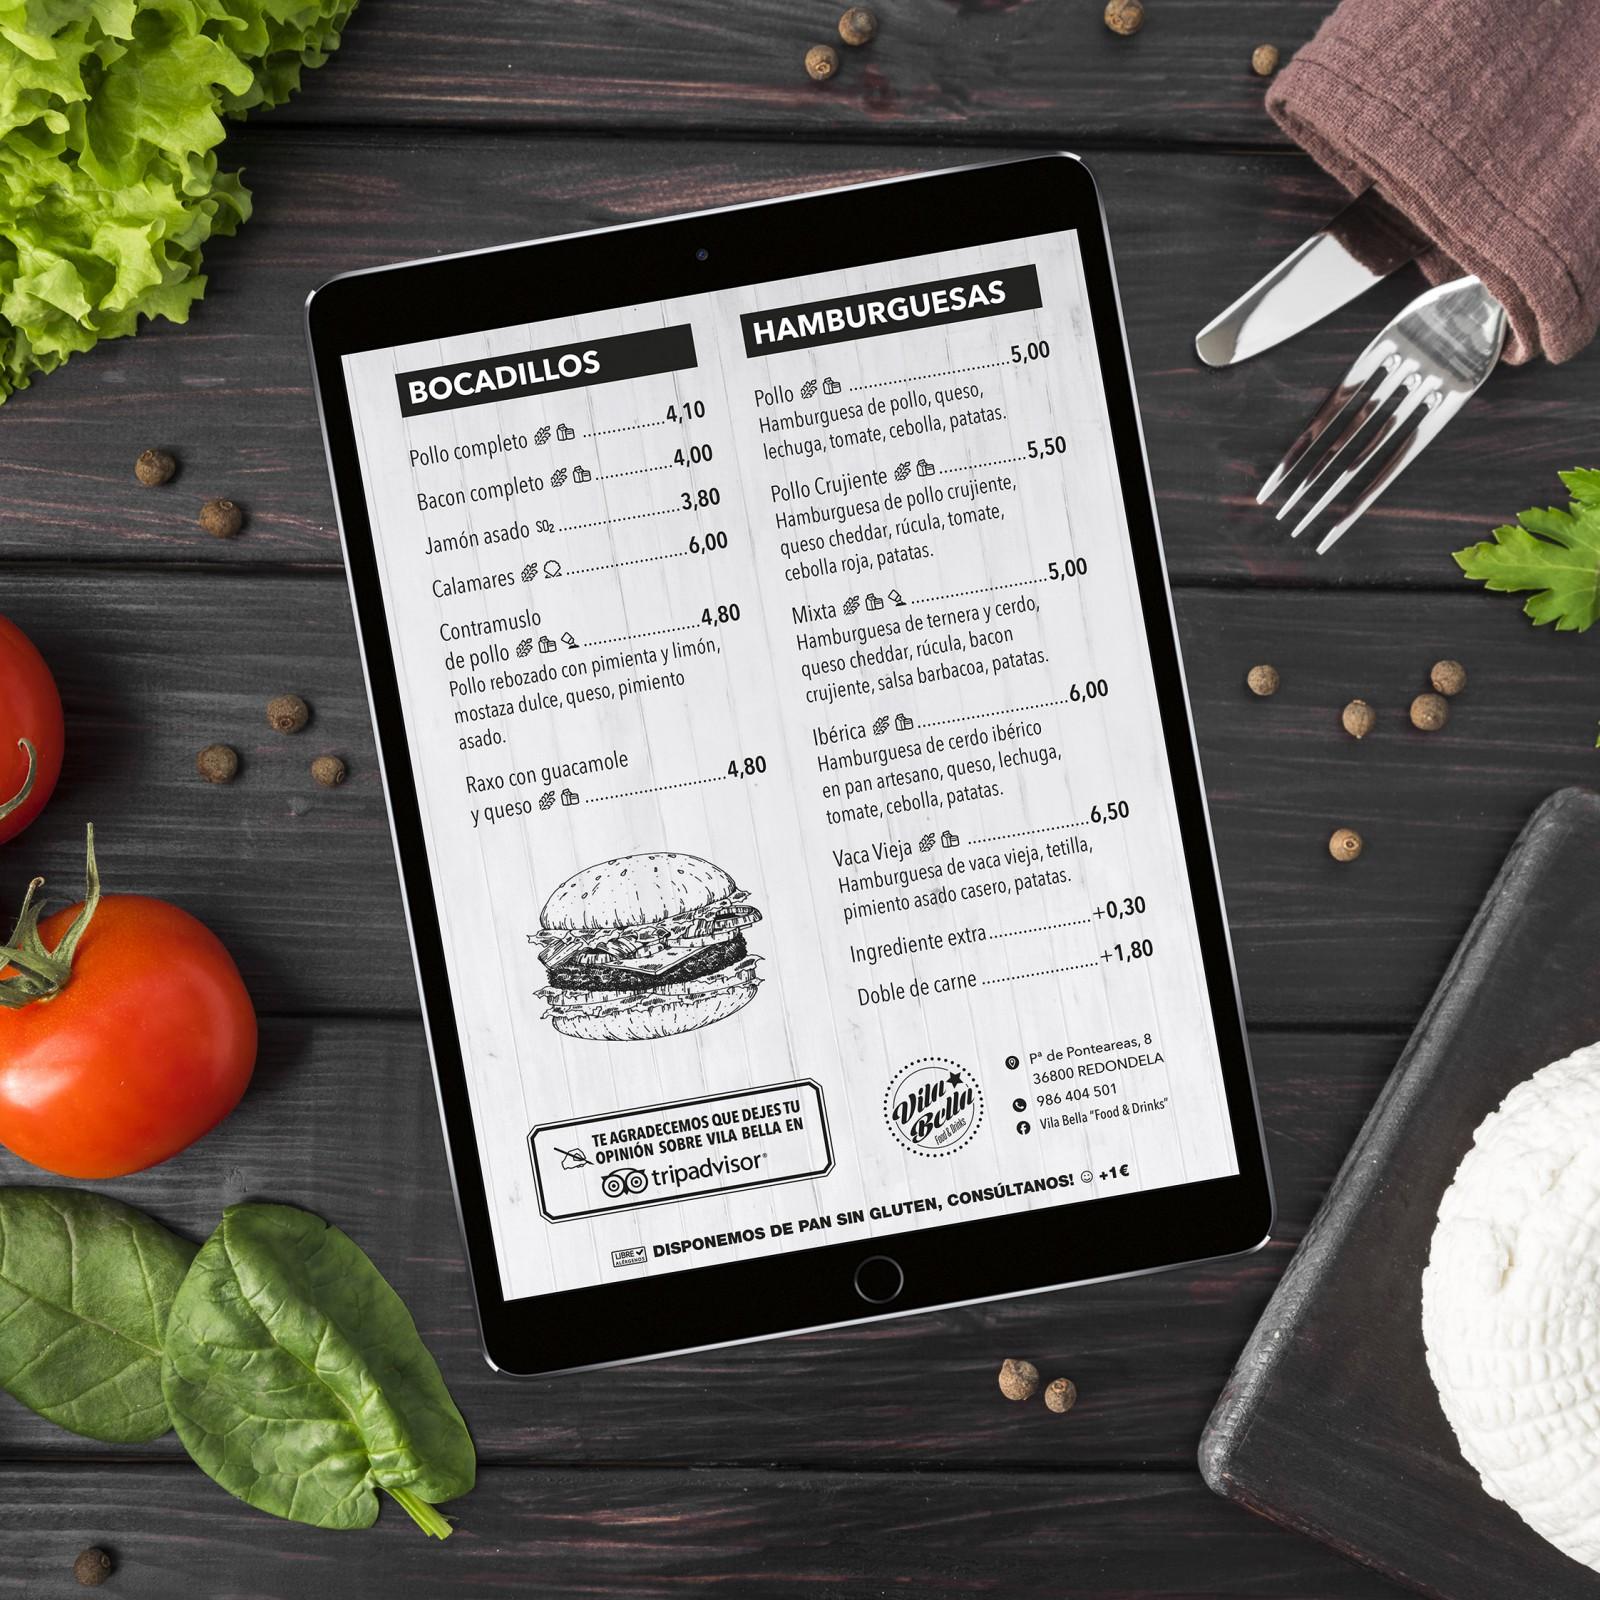 Vila Bella Diseño Publicidad Marketing Carta Menú Restaurante Cafetería Hostelería